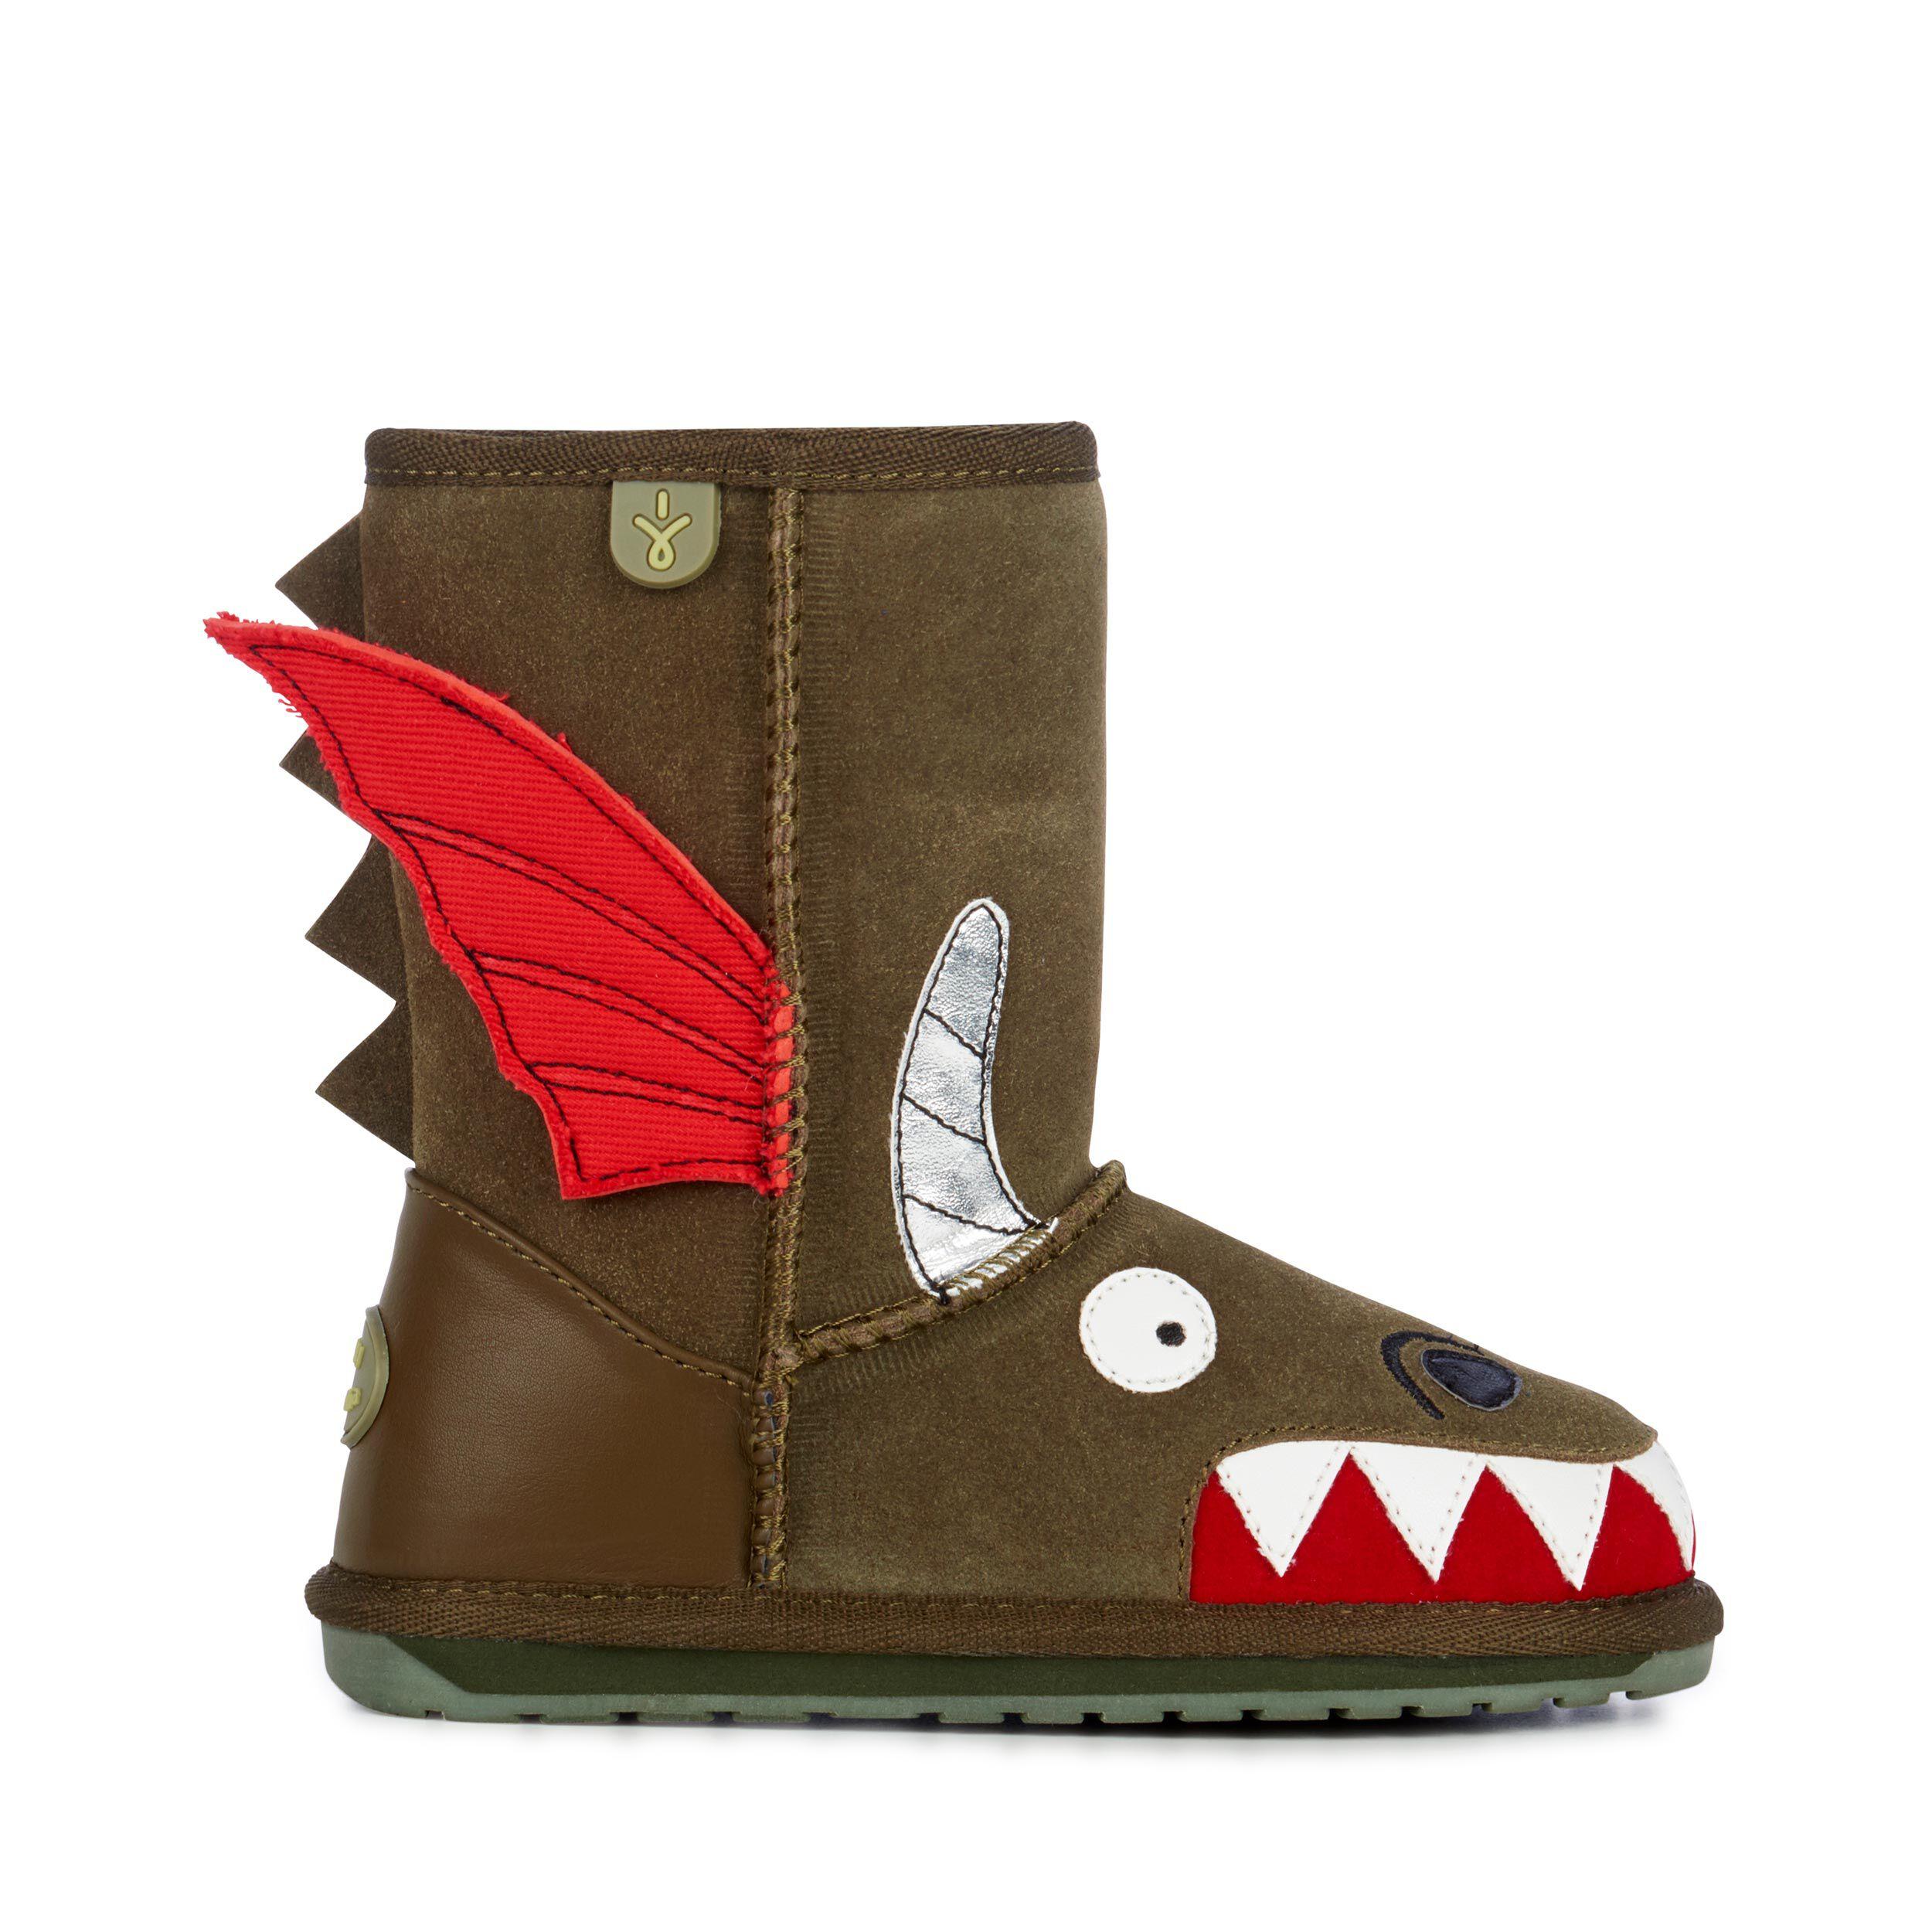 EMU Australia Dragon Boots Kids